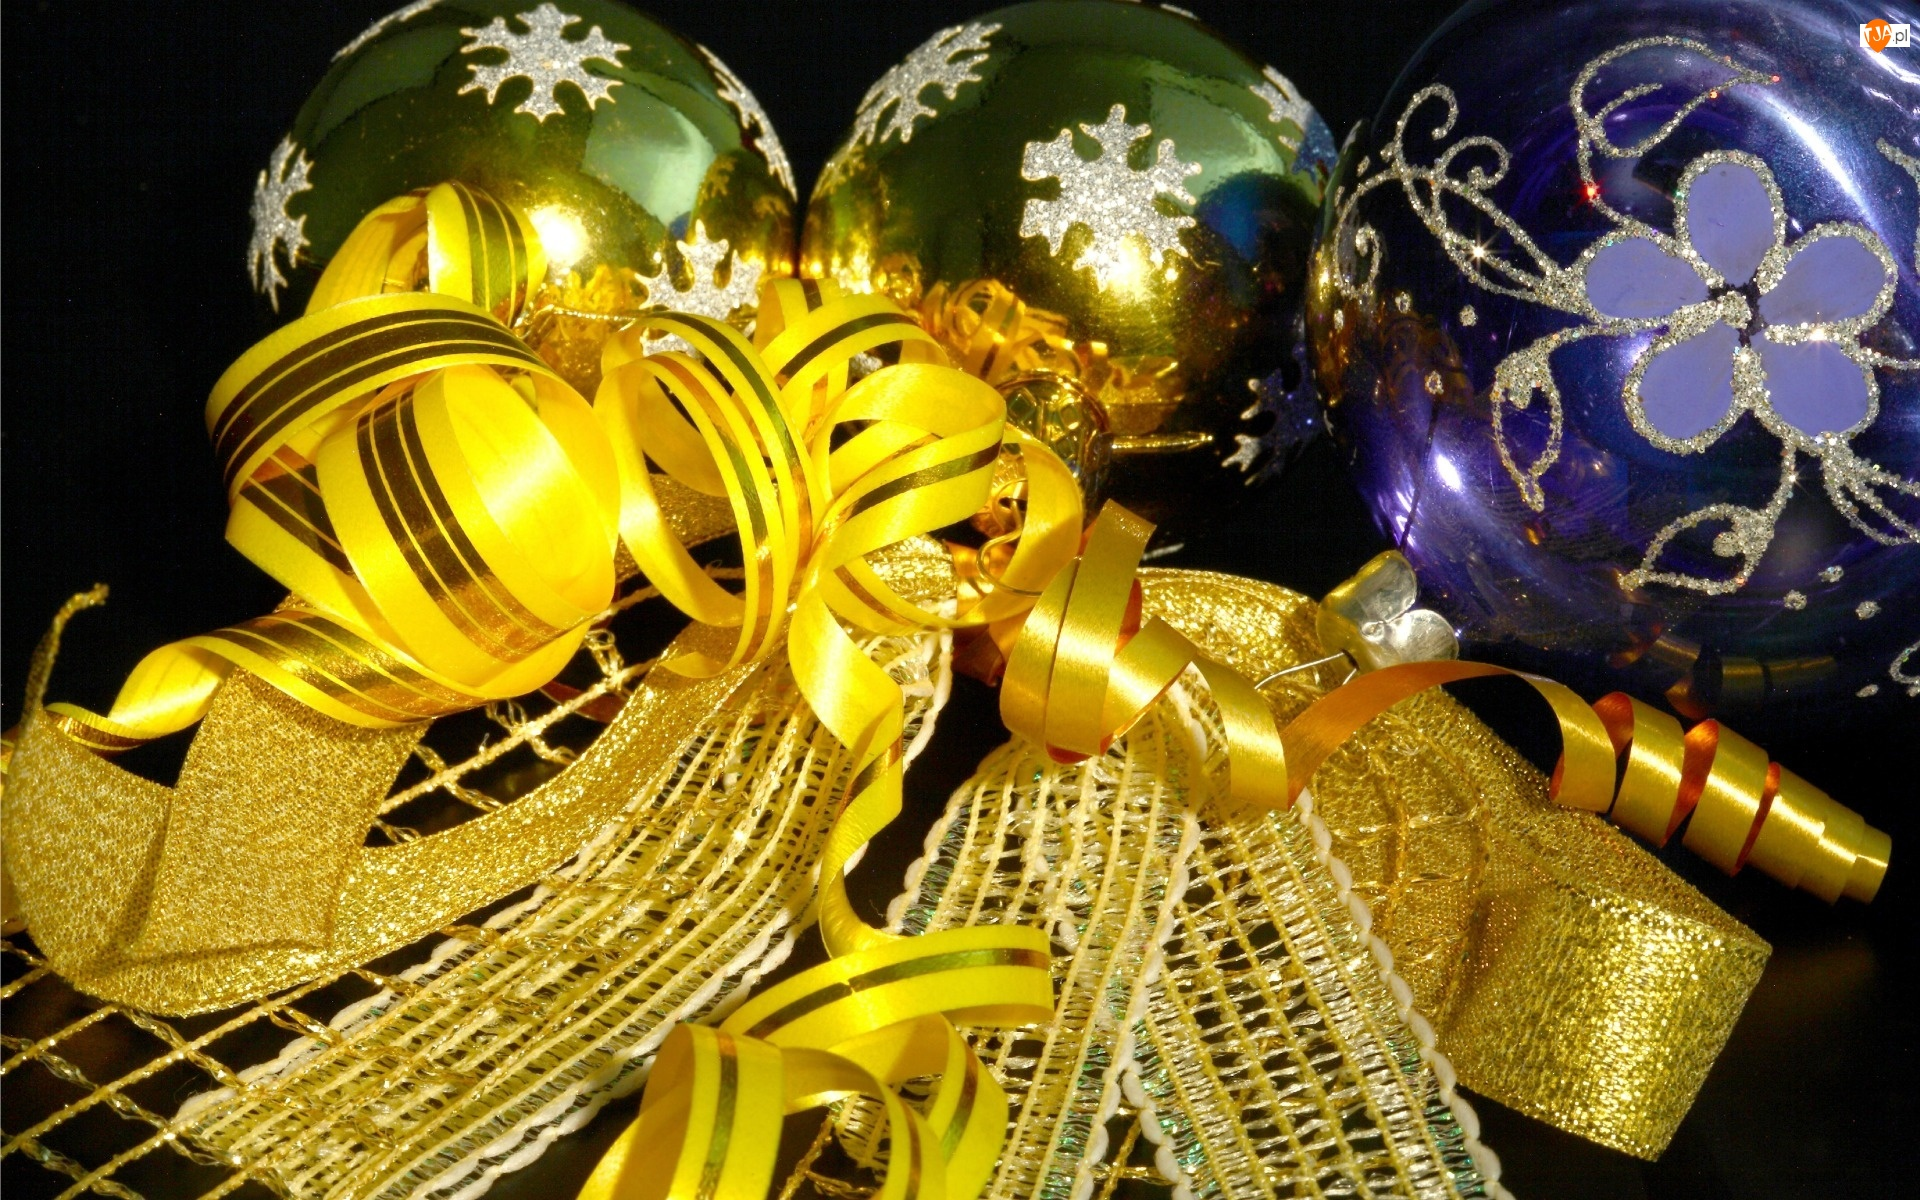 Kompozycja, Wstążki, Świąteczna, Bombki